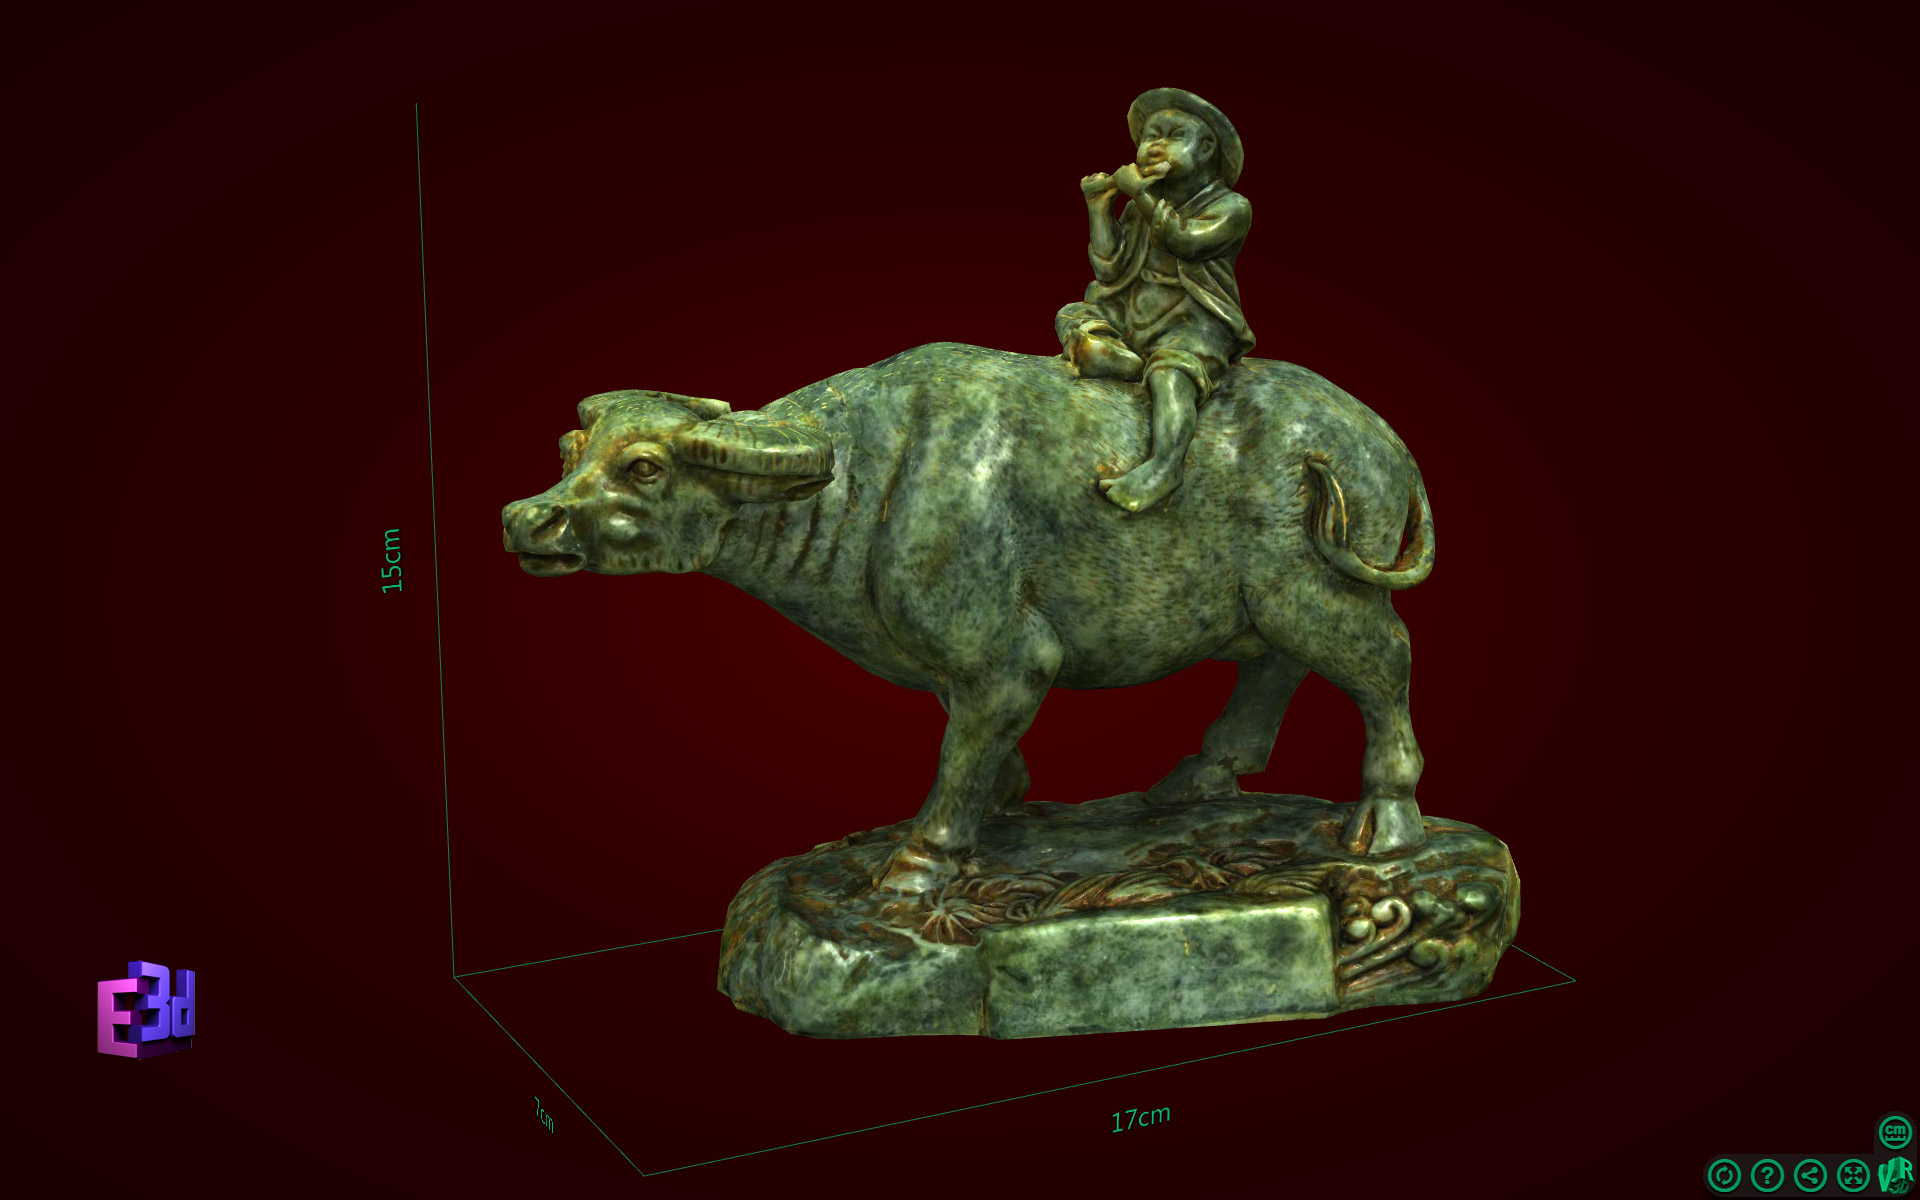 Tượng mục đồng - Quà lưu niệm đặc trưng của Việt Nam